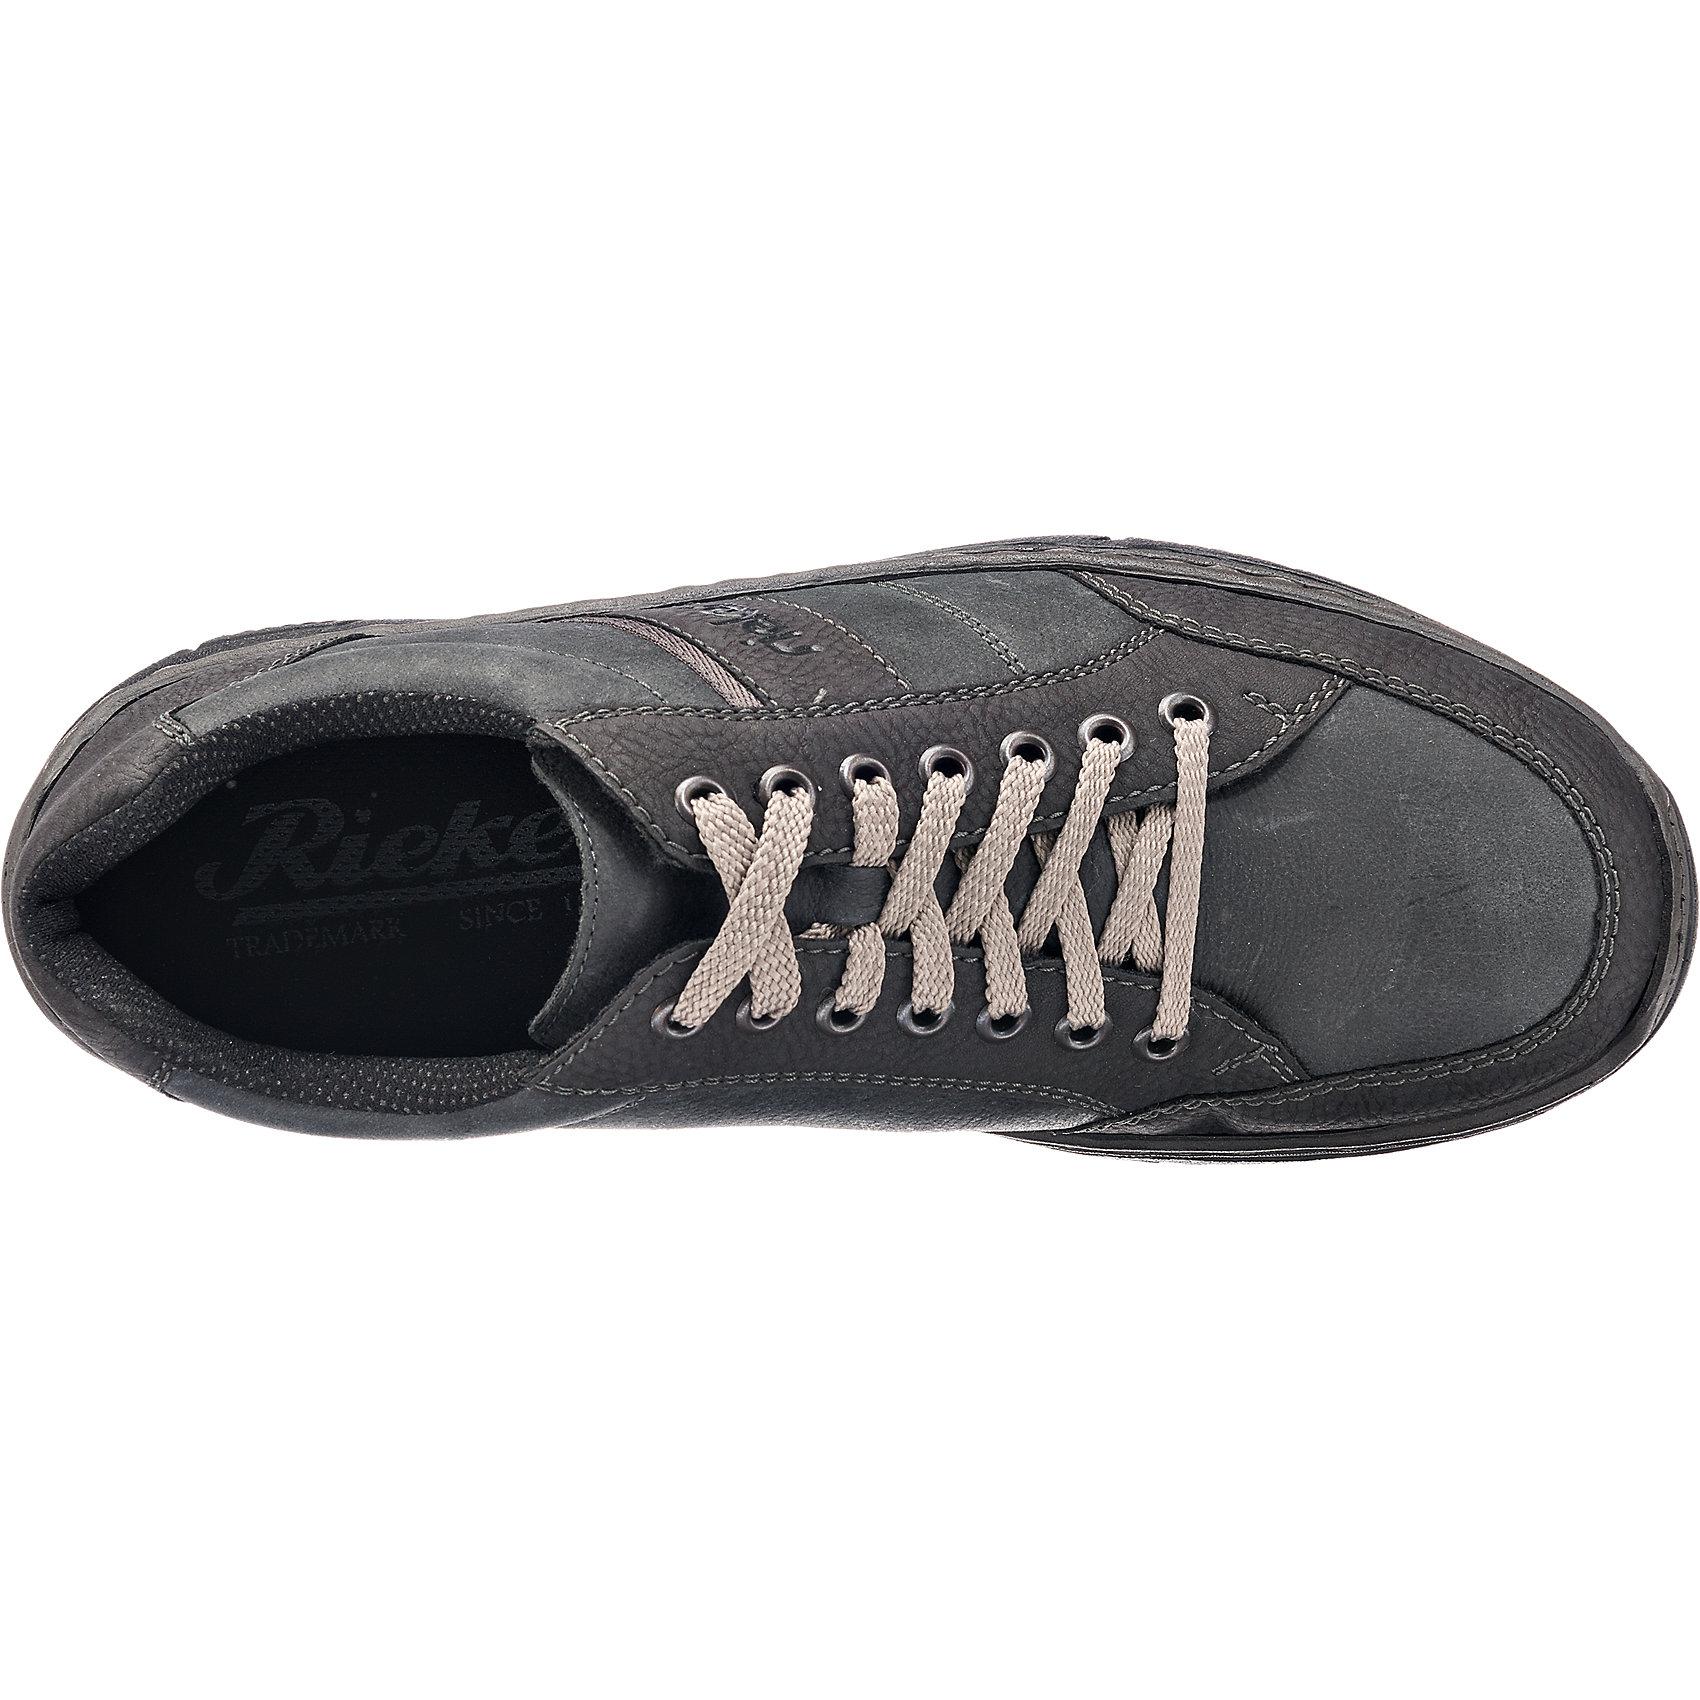 Neu rieker Freizeit Freizeit Freizeit Schuhe schwarz 5776098  2c1437